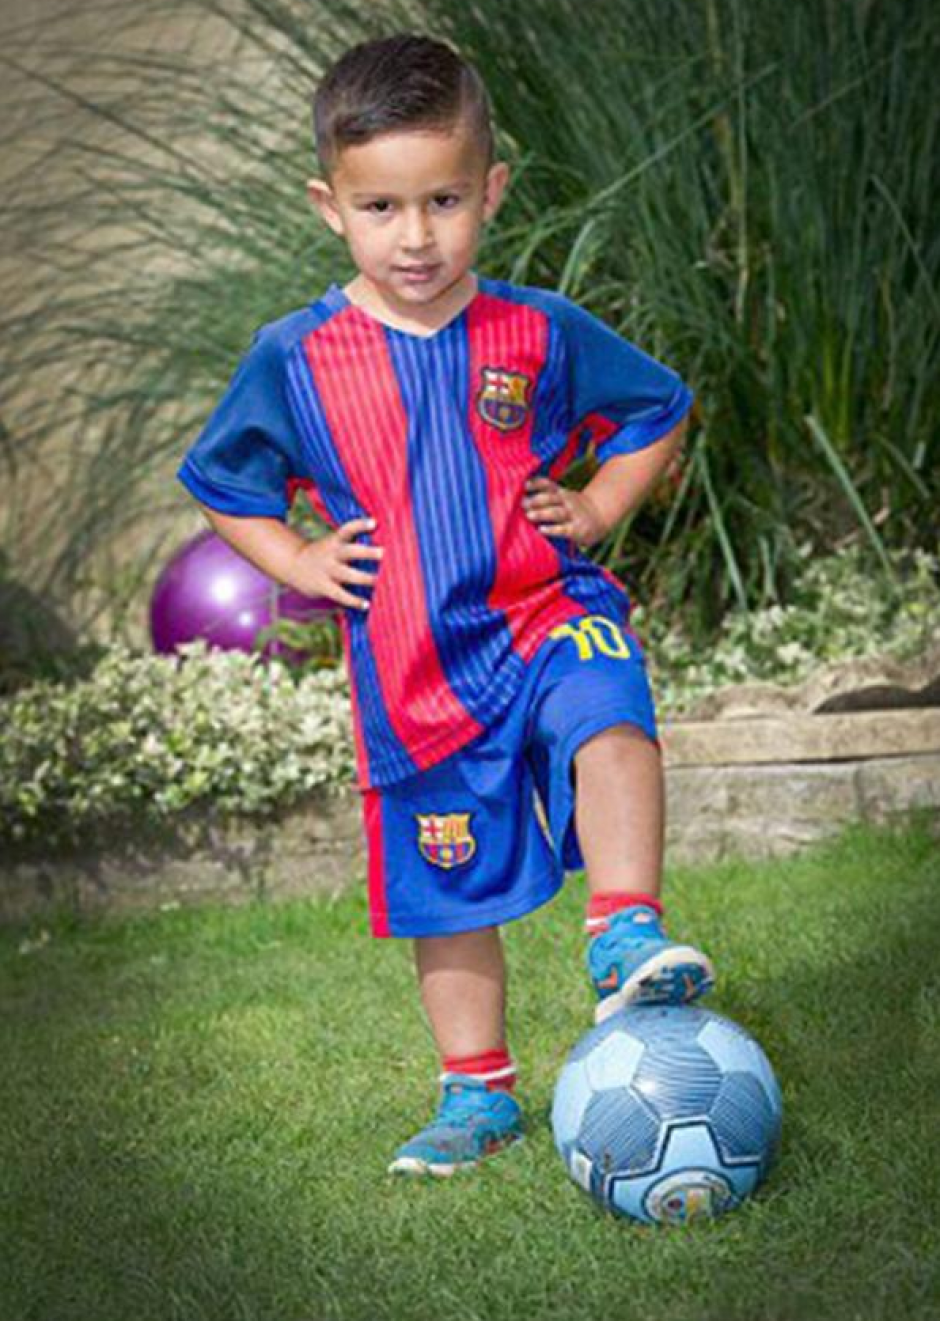 Jaxon apenas tiene 3 años, y es aficionado del fútbol. (Foto: Daily Mail)